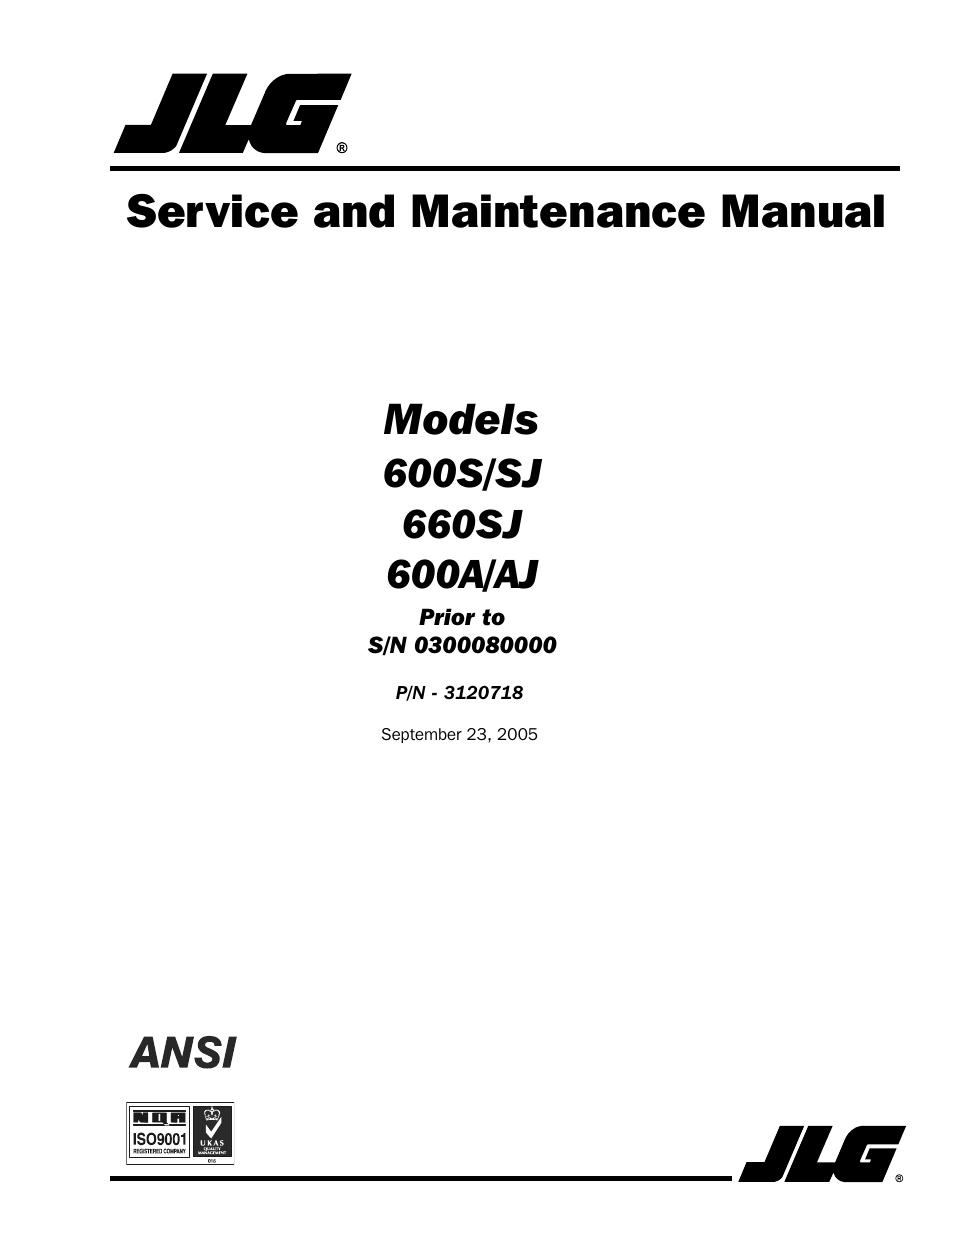 jlg 660sj ansi service manual user manual 322 pages also for rh manualsdir com Deutz -Fahr Manual Deutz Repair Manual